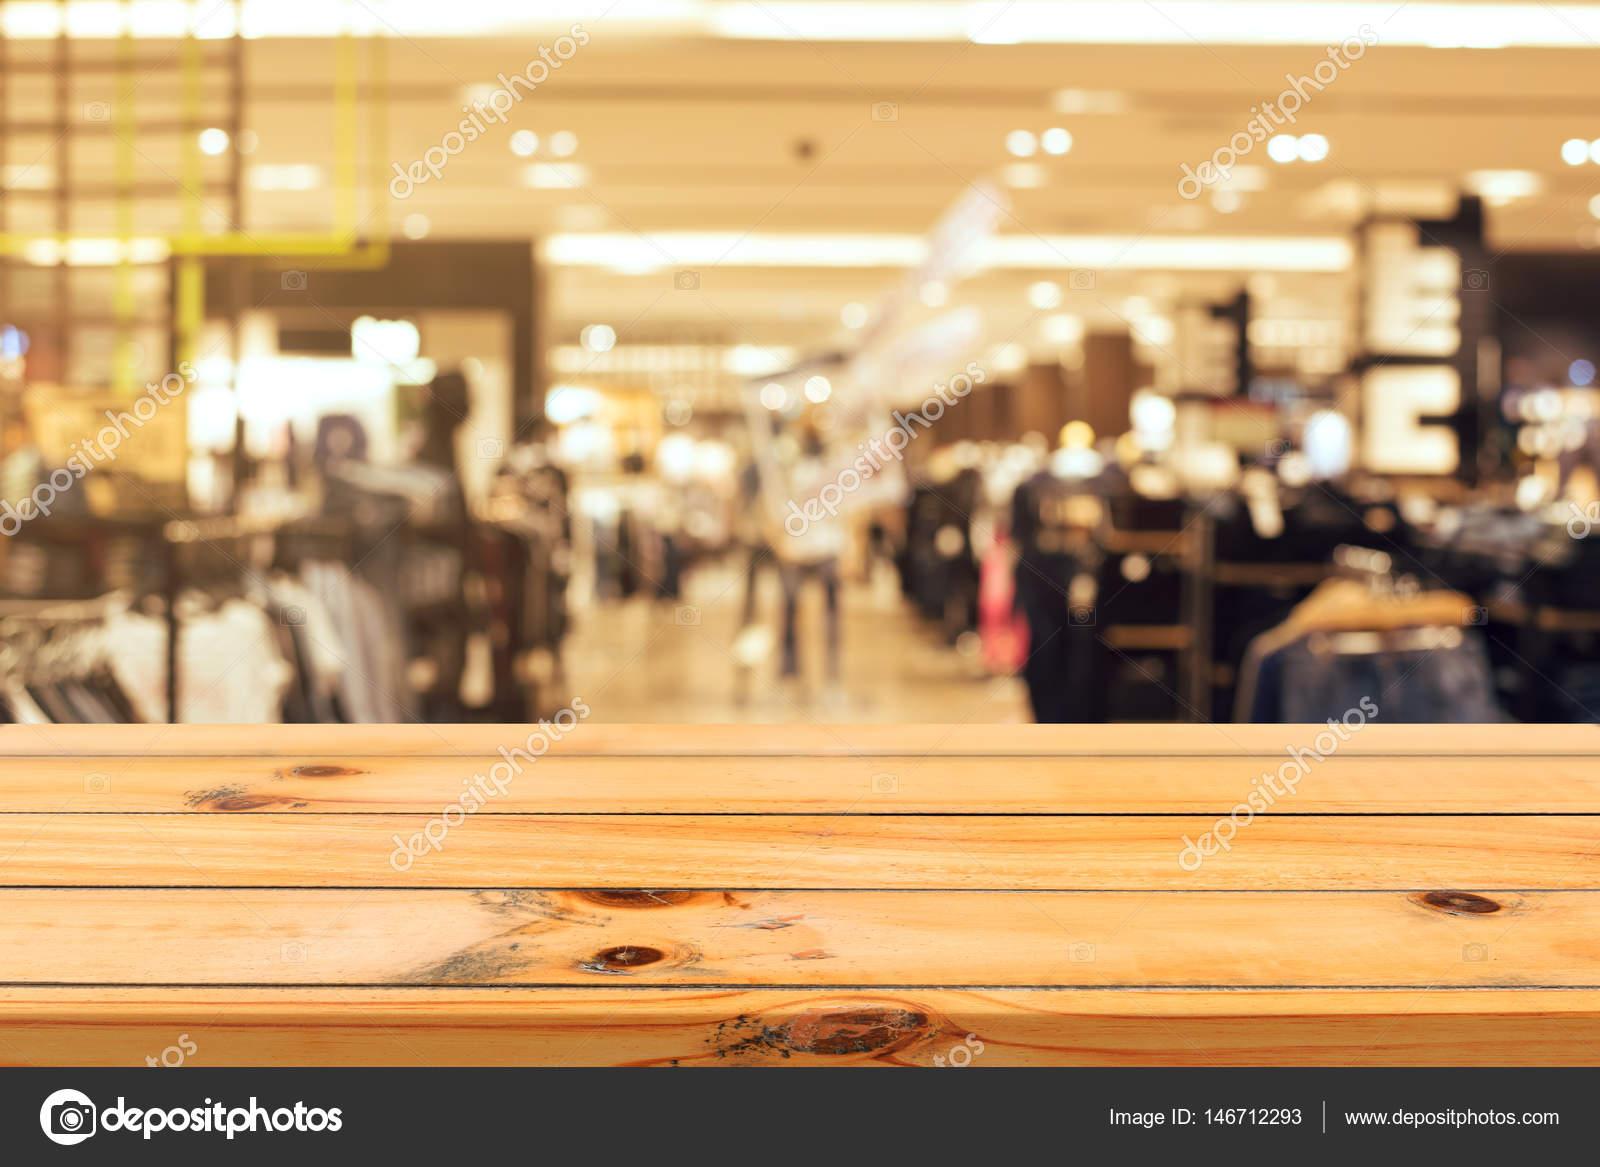 Leere Tabelle Holzbrett unscharf Hintergrund. Perspektive braun ...